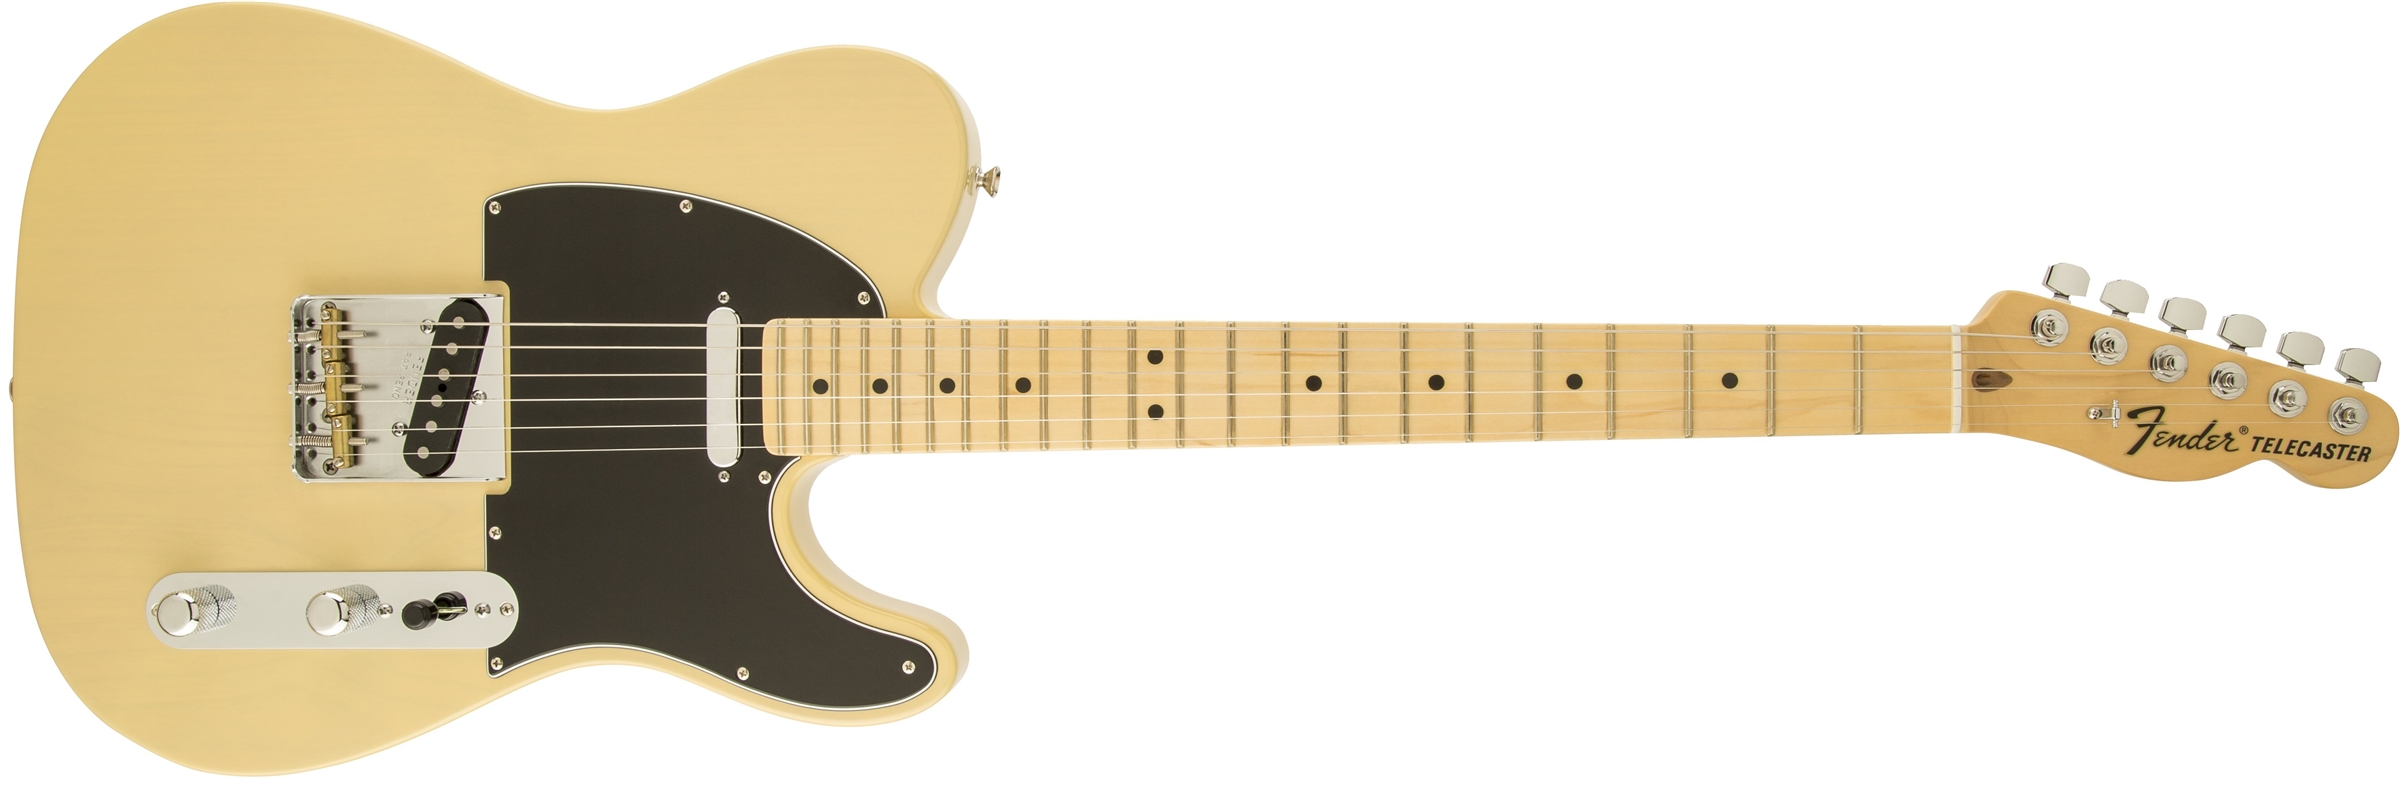 fender american special telecaster maple fingerboard vintage blonde. Black Bedroom Furniture Sets. Home Design Ideas